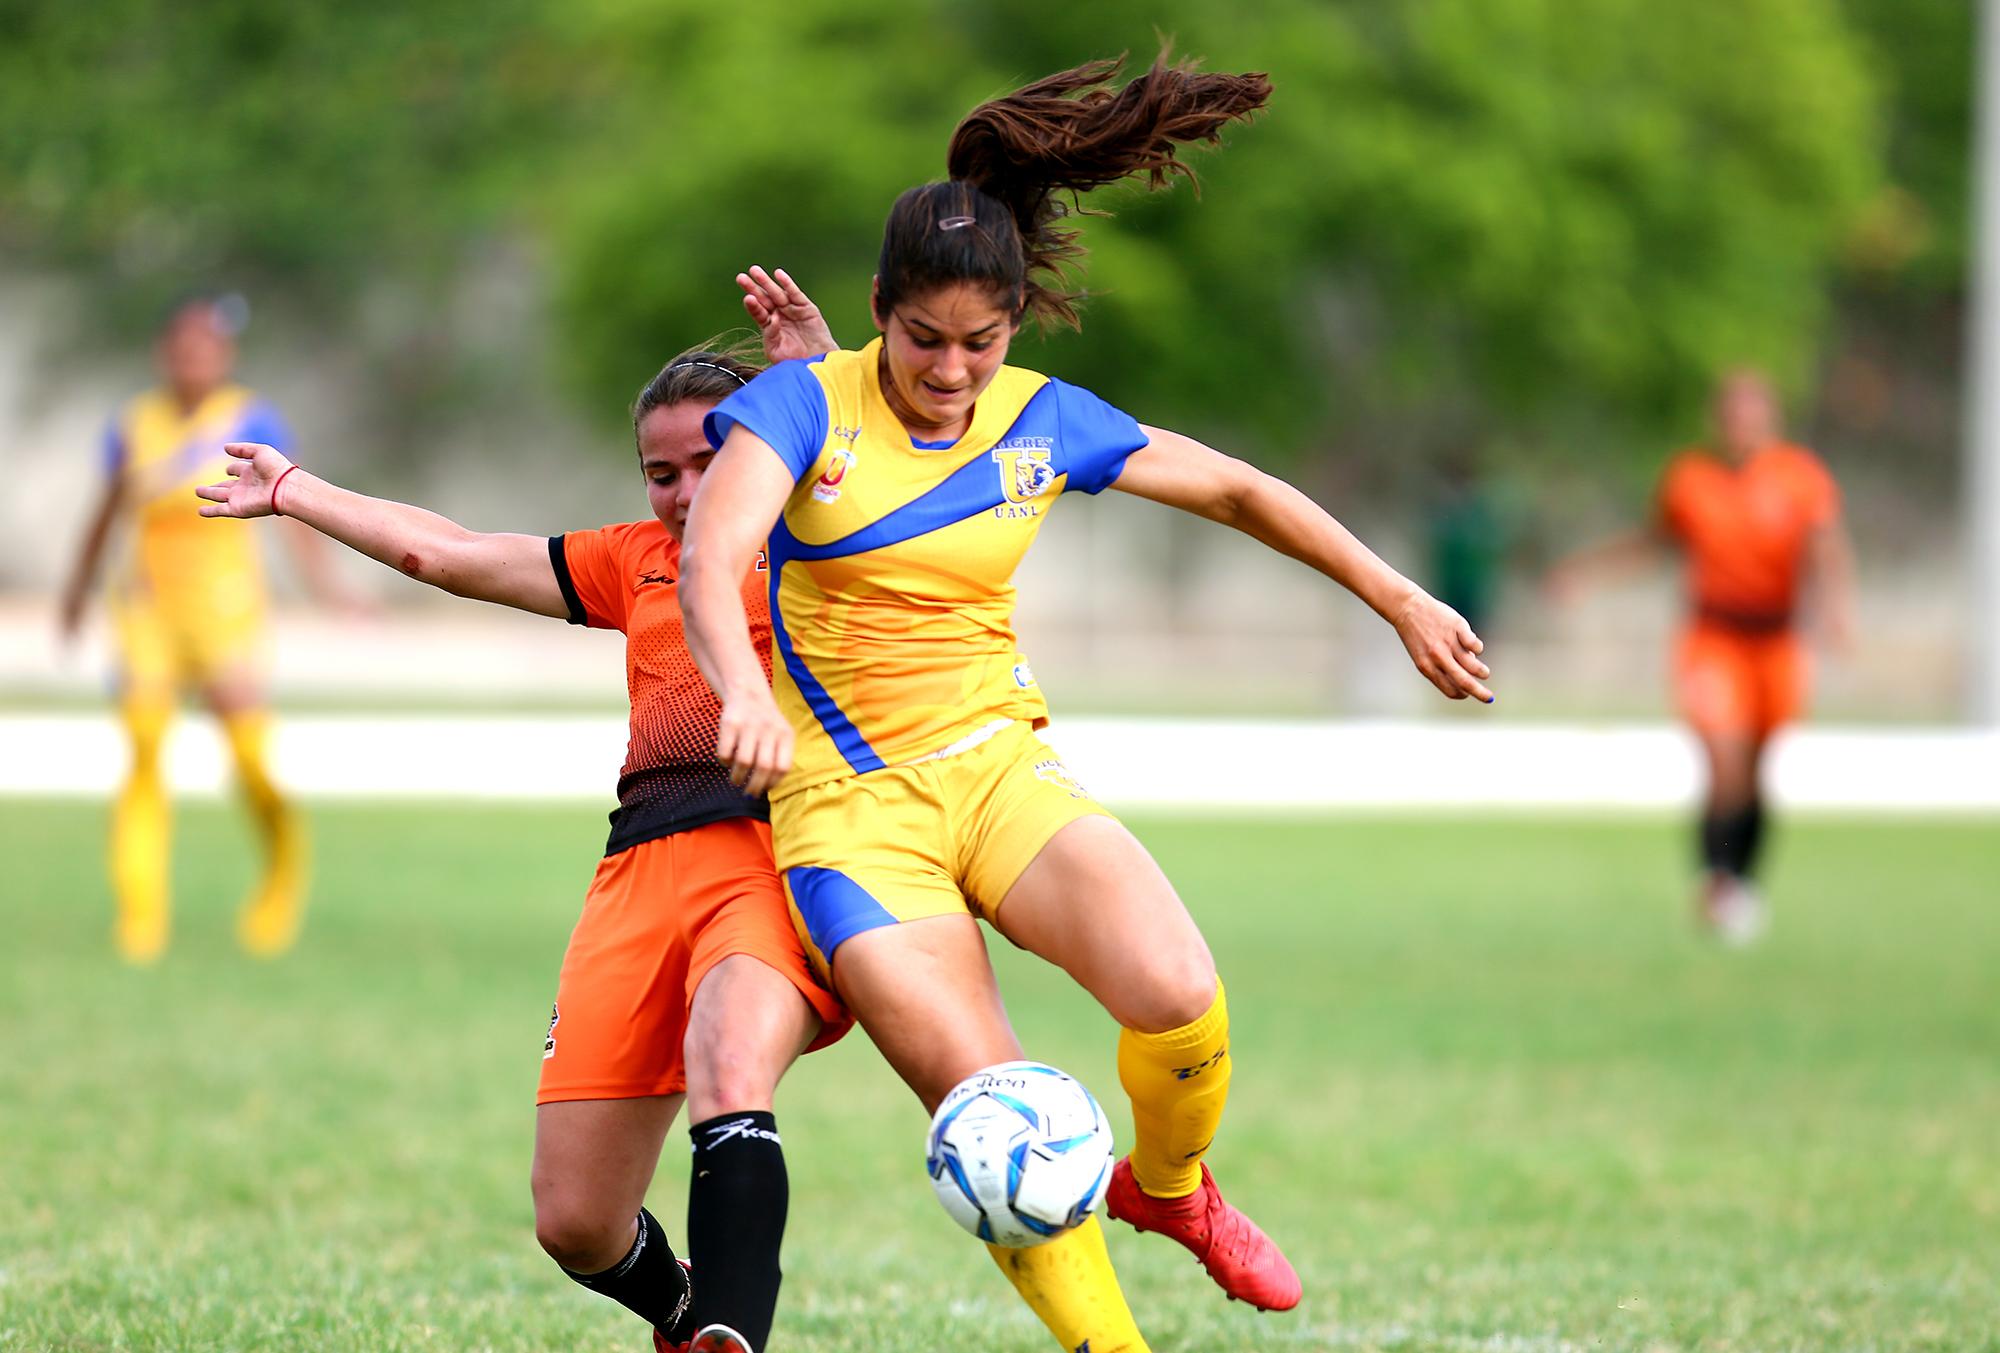 Tigres femenil de Voleibol y Fútbol a Universiada Mundial